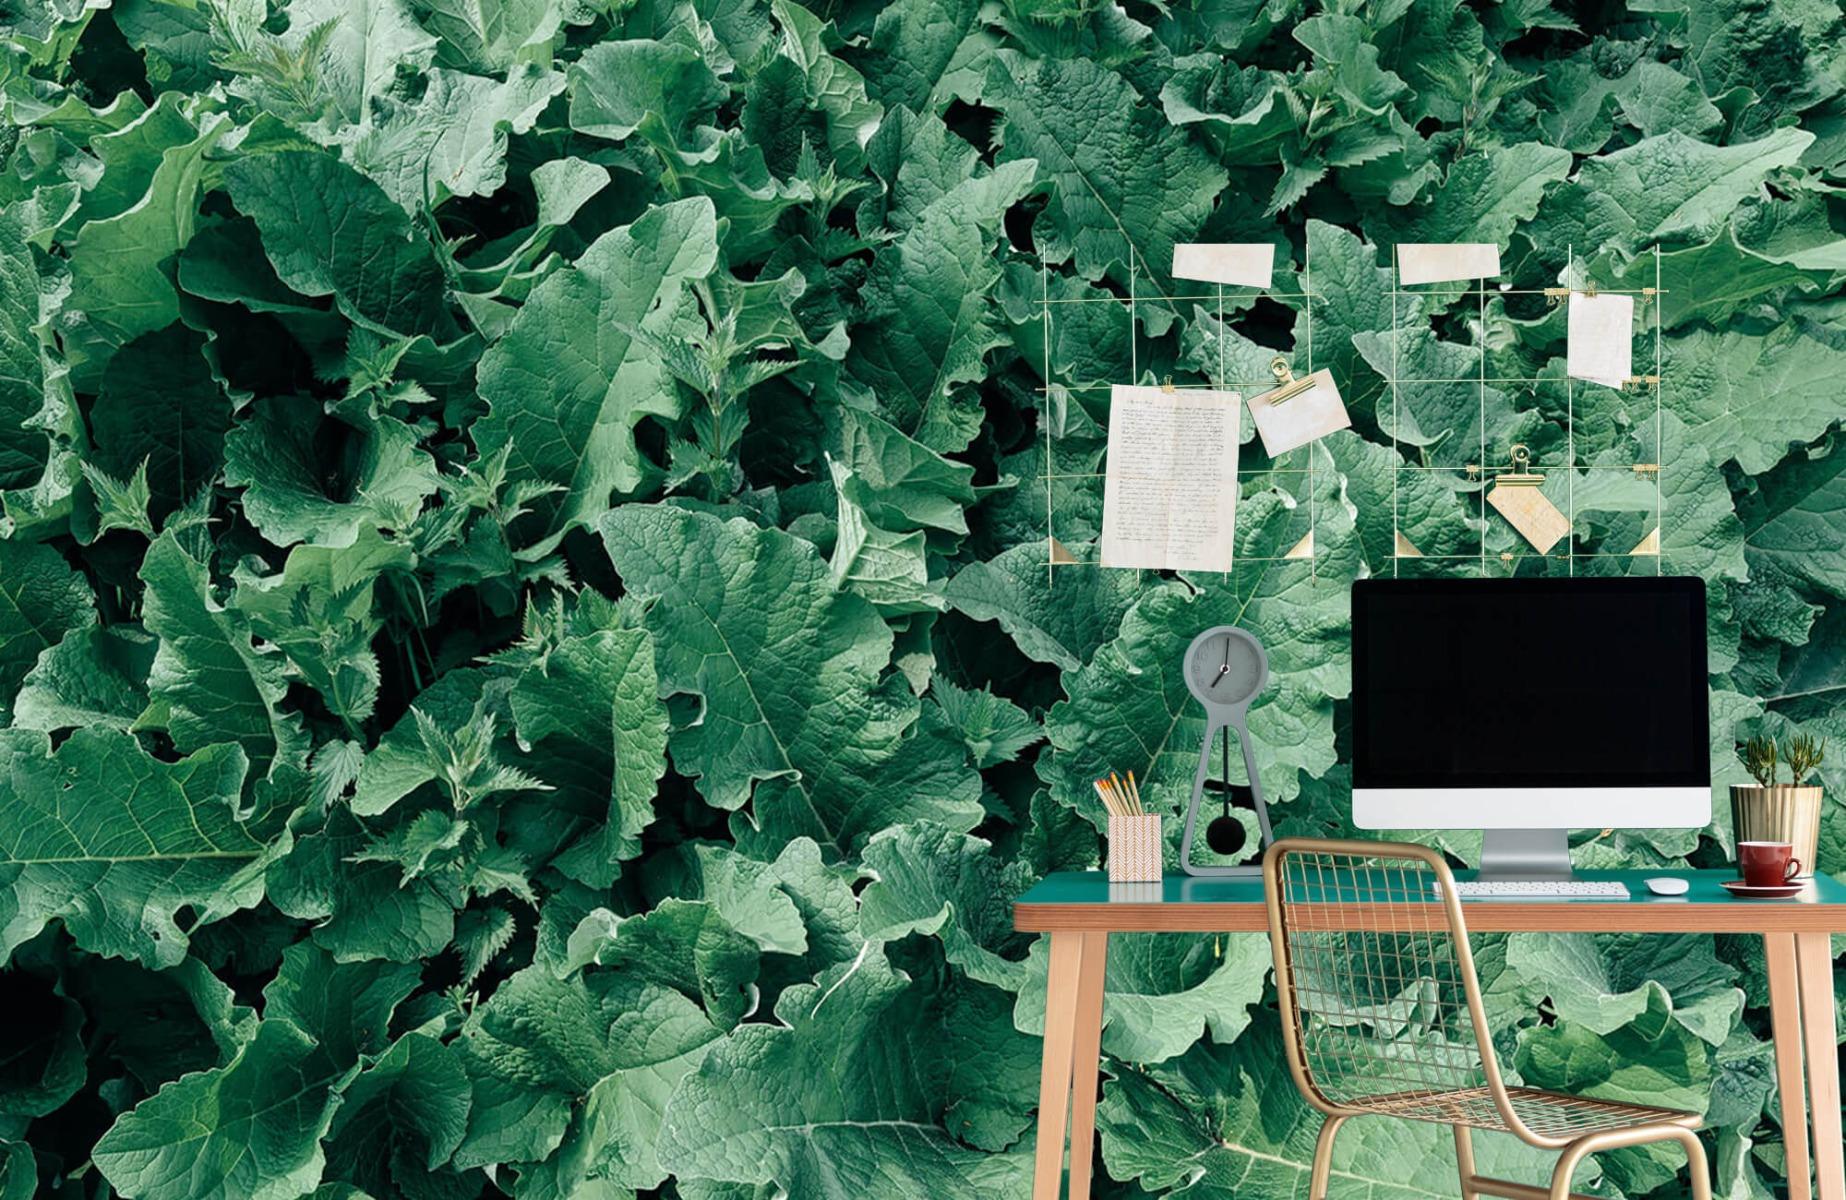 Bladeren - Gedetailleerd groen bladerdek - Wallexclusive - Slaapkamer 7